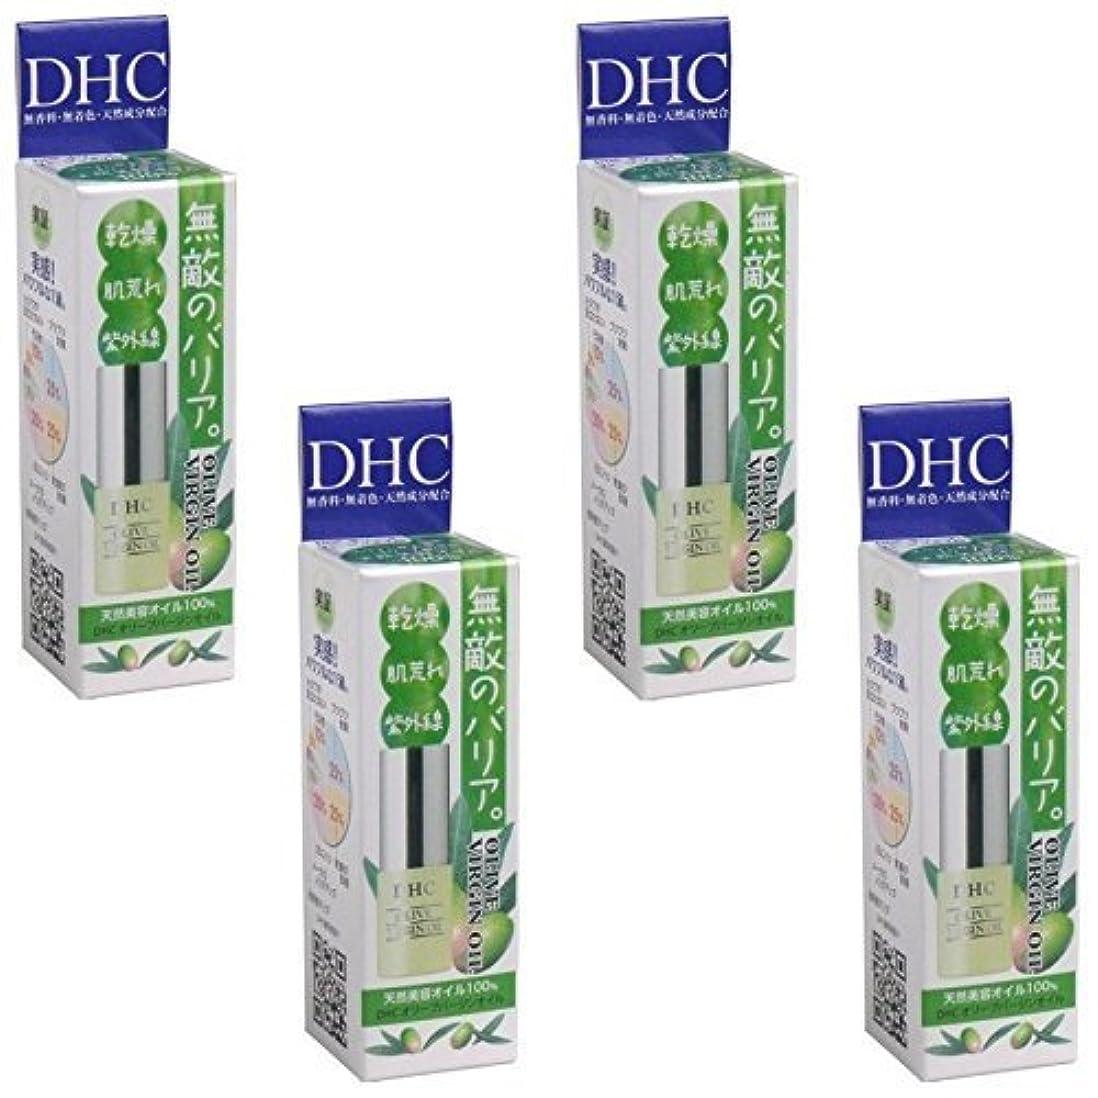 バナナ独裁者知人【セット品】DHC オリーブバージンオイル (SS) 7mL 4個セット